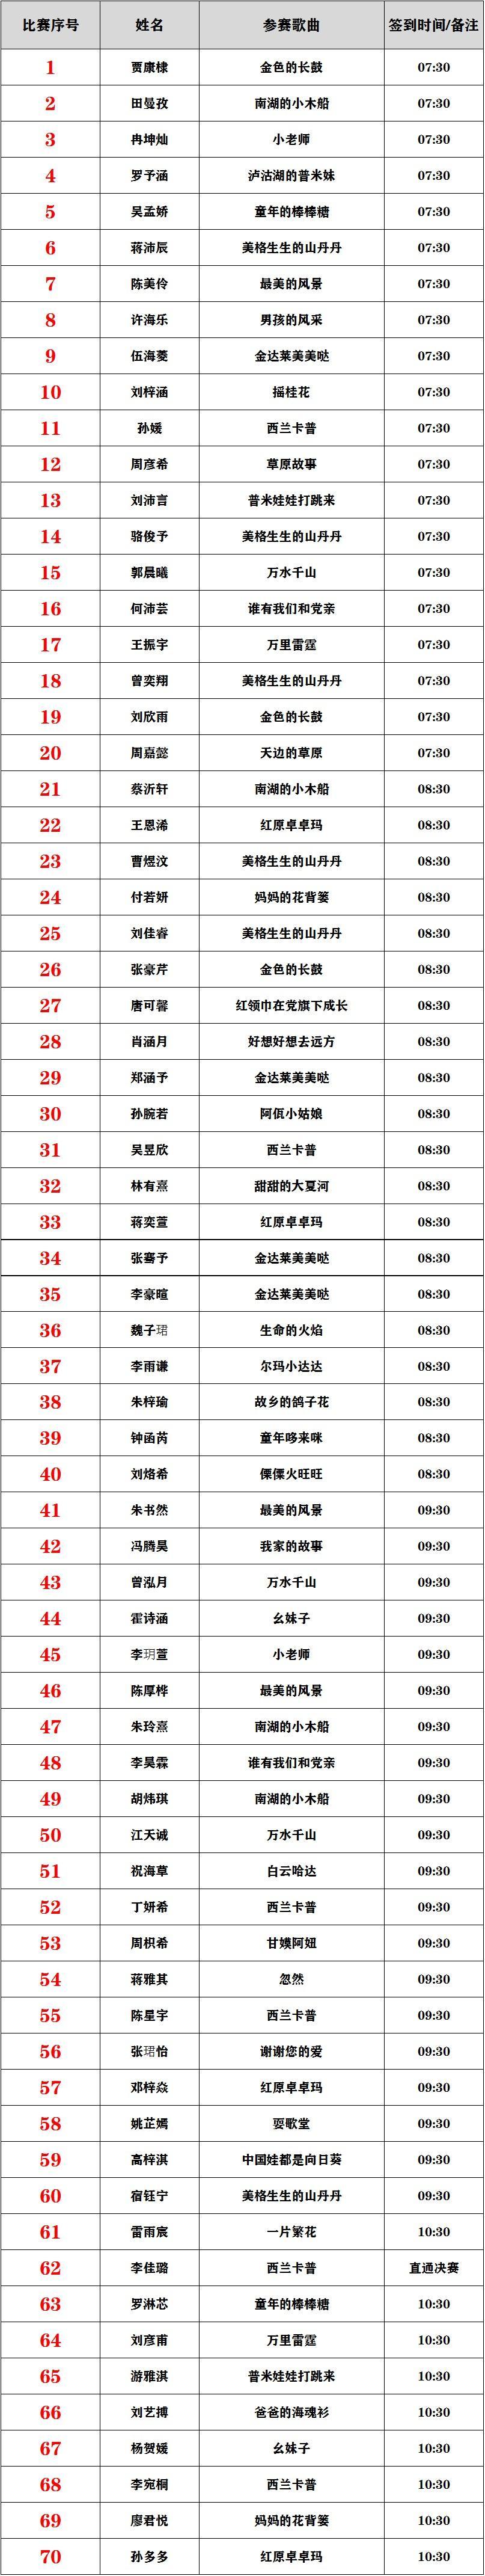 2021第17届快乐阳光全国少歌赛【重庆赛区】复赛比赛通知 第13张